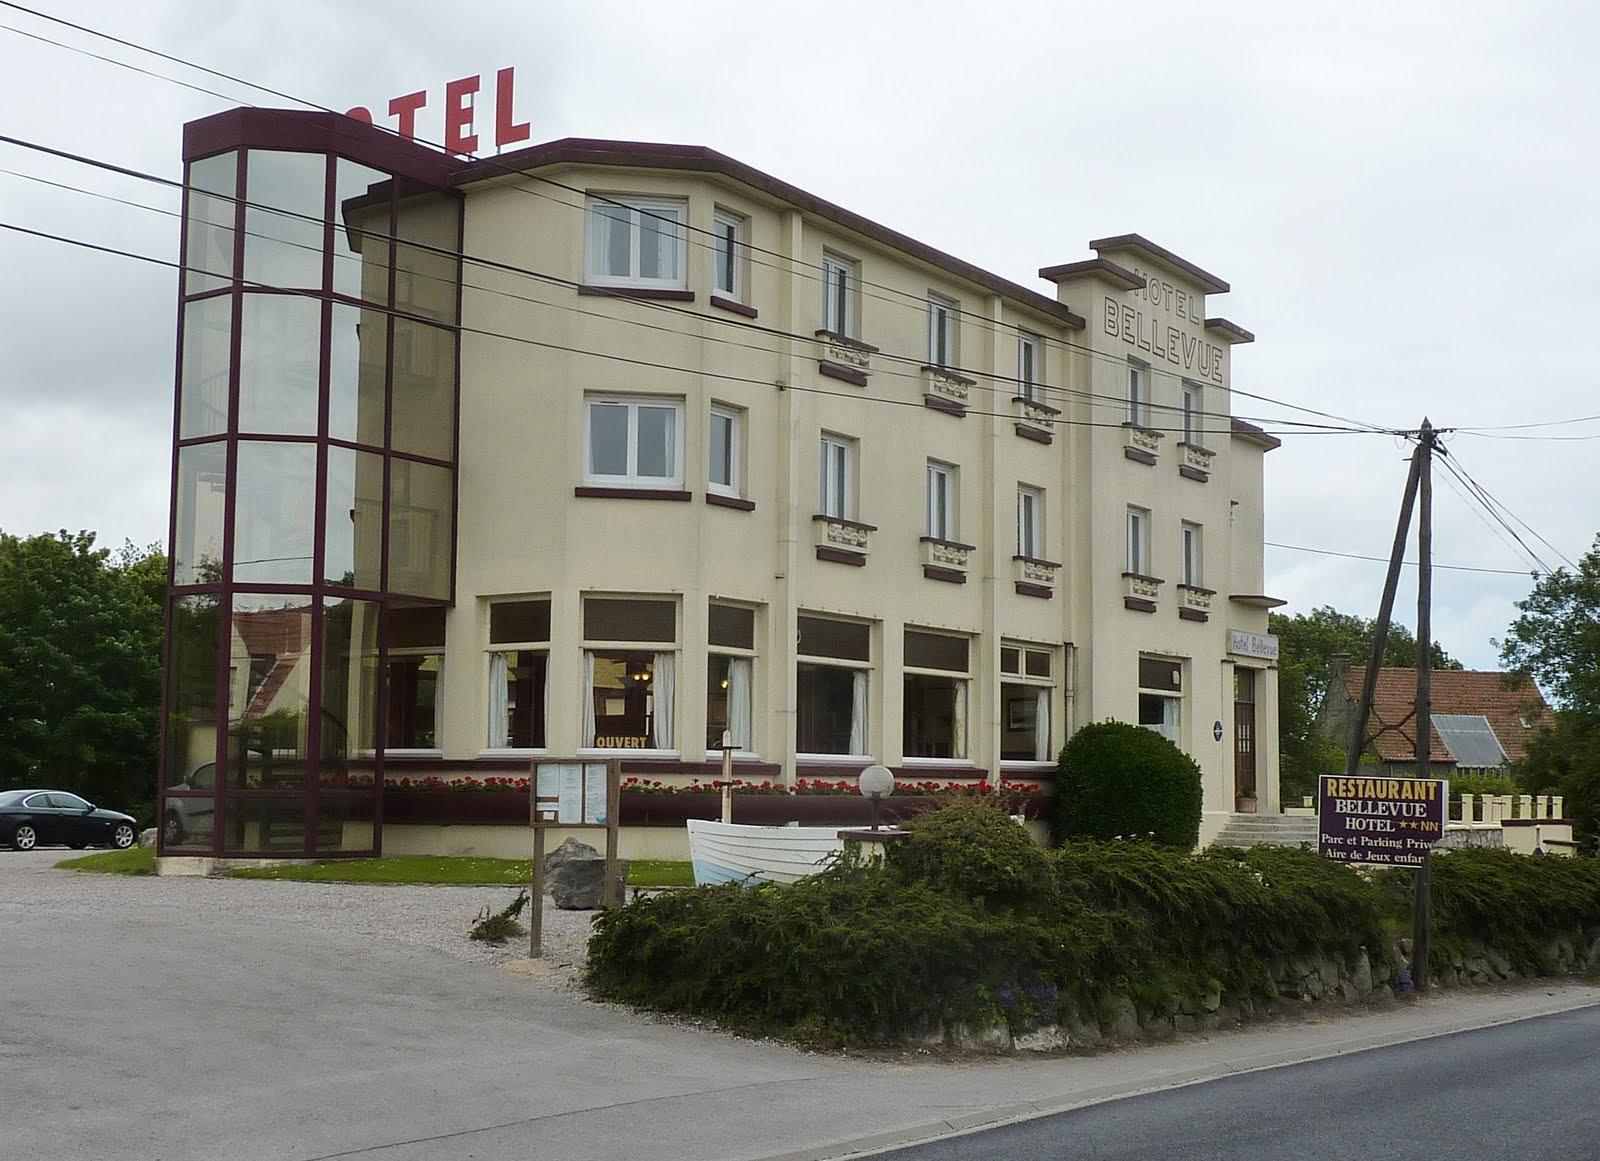 Village Hotel Belle vue 0935